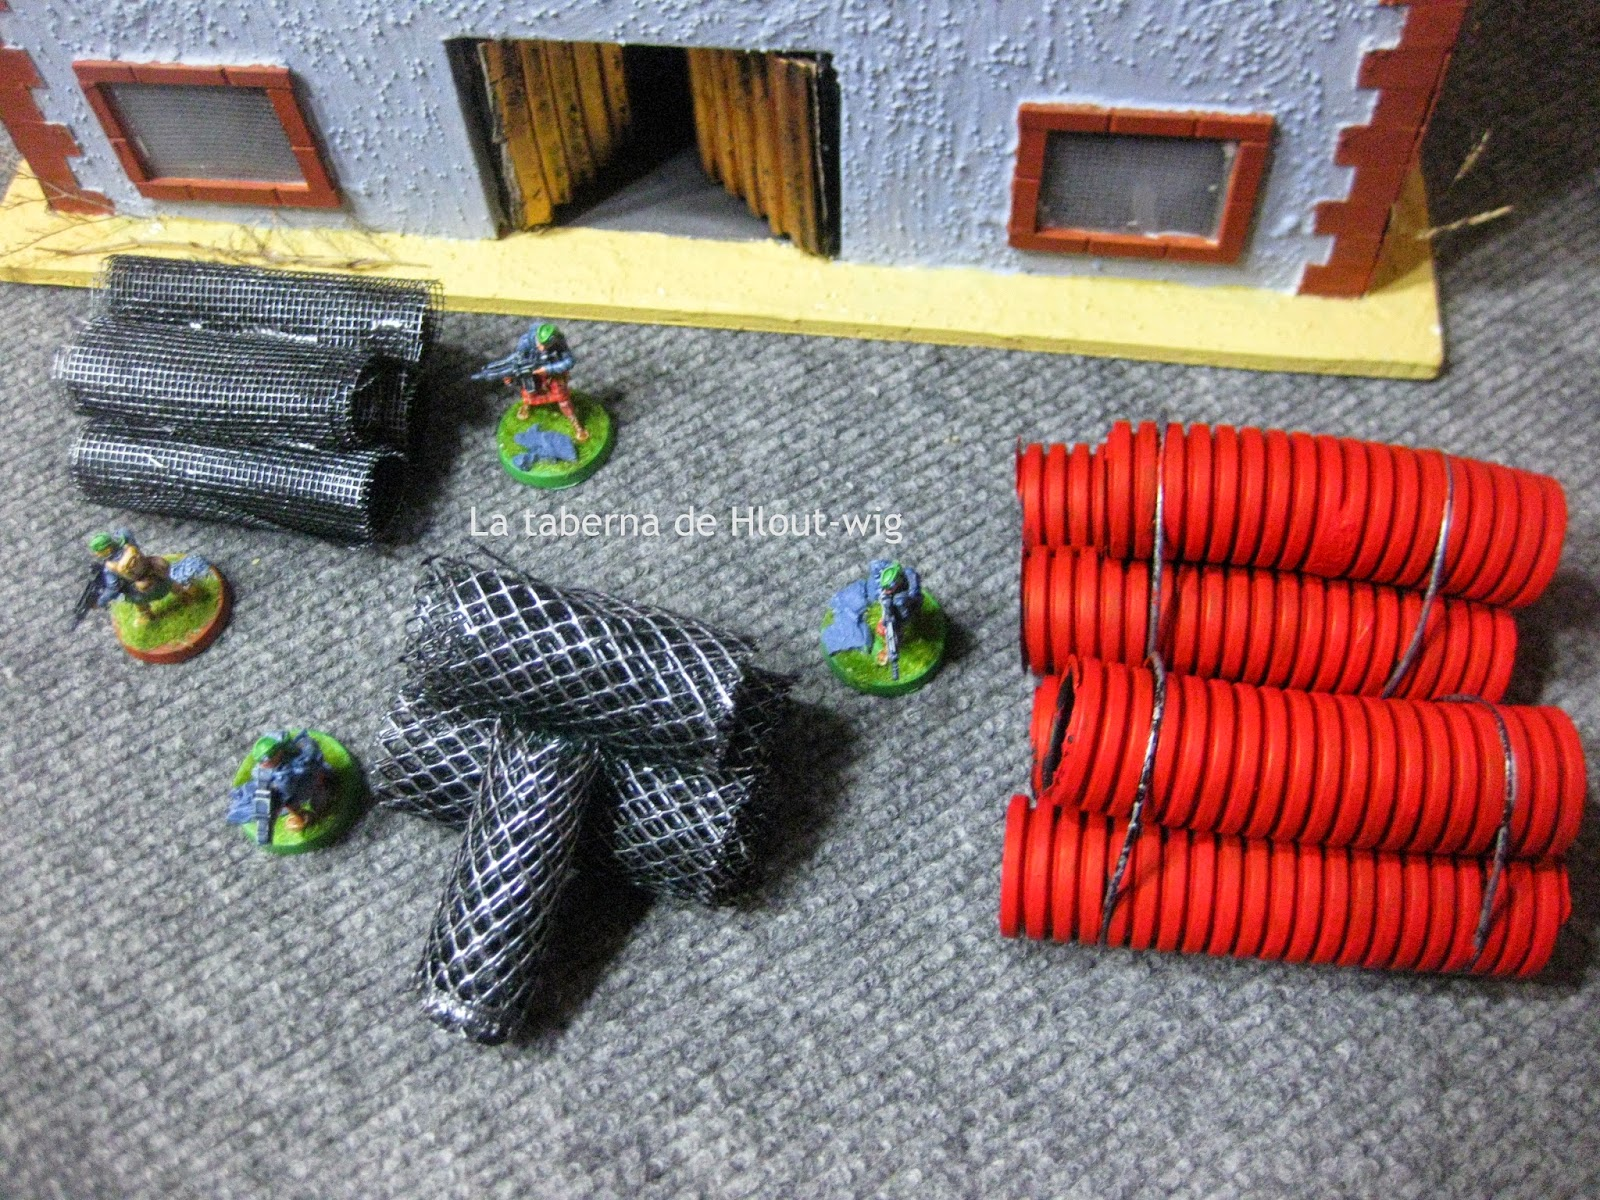 Rollos de malla y canalizaciones rojas